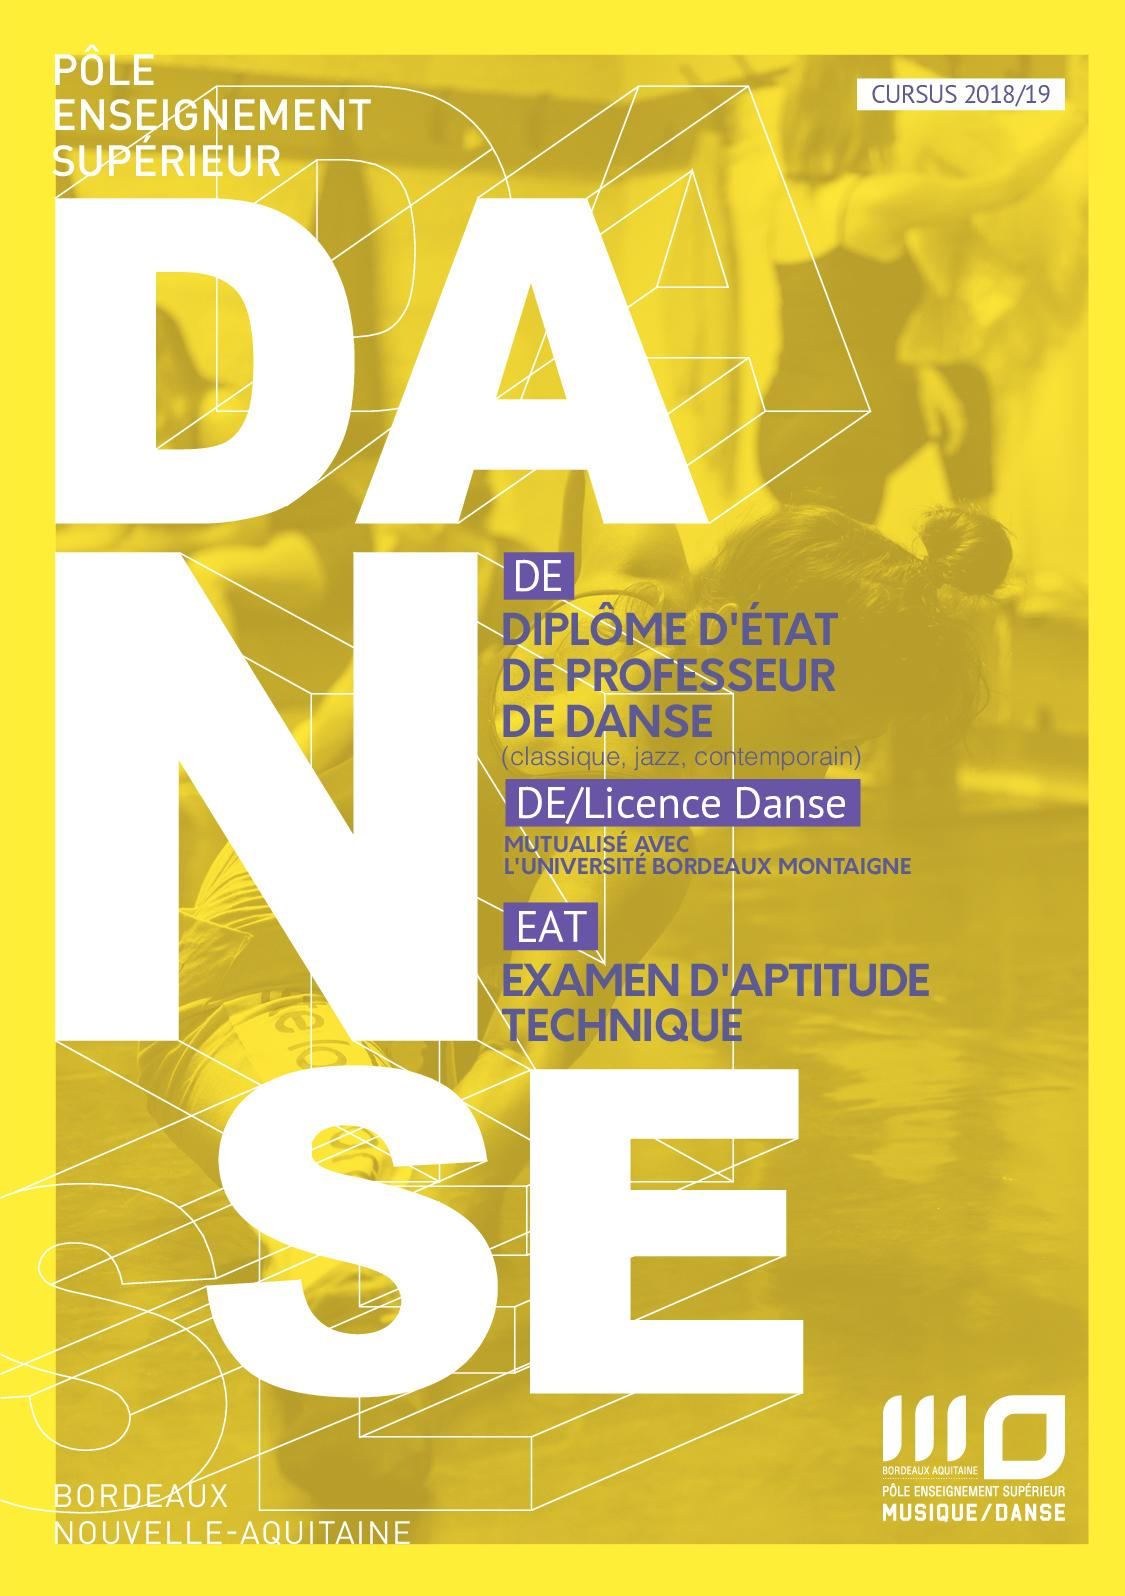 Calendrier Examens Bordeaux Montaigne.Calameo Depliants Formation Danse 2018 2019